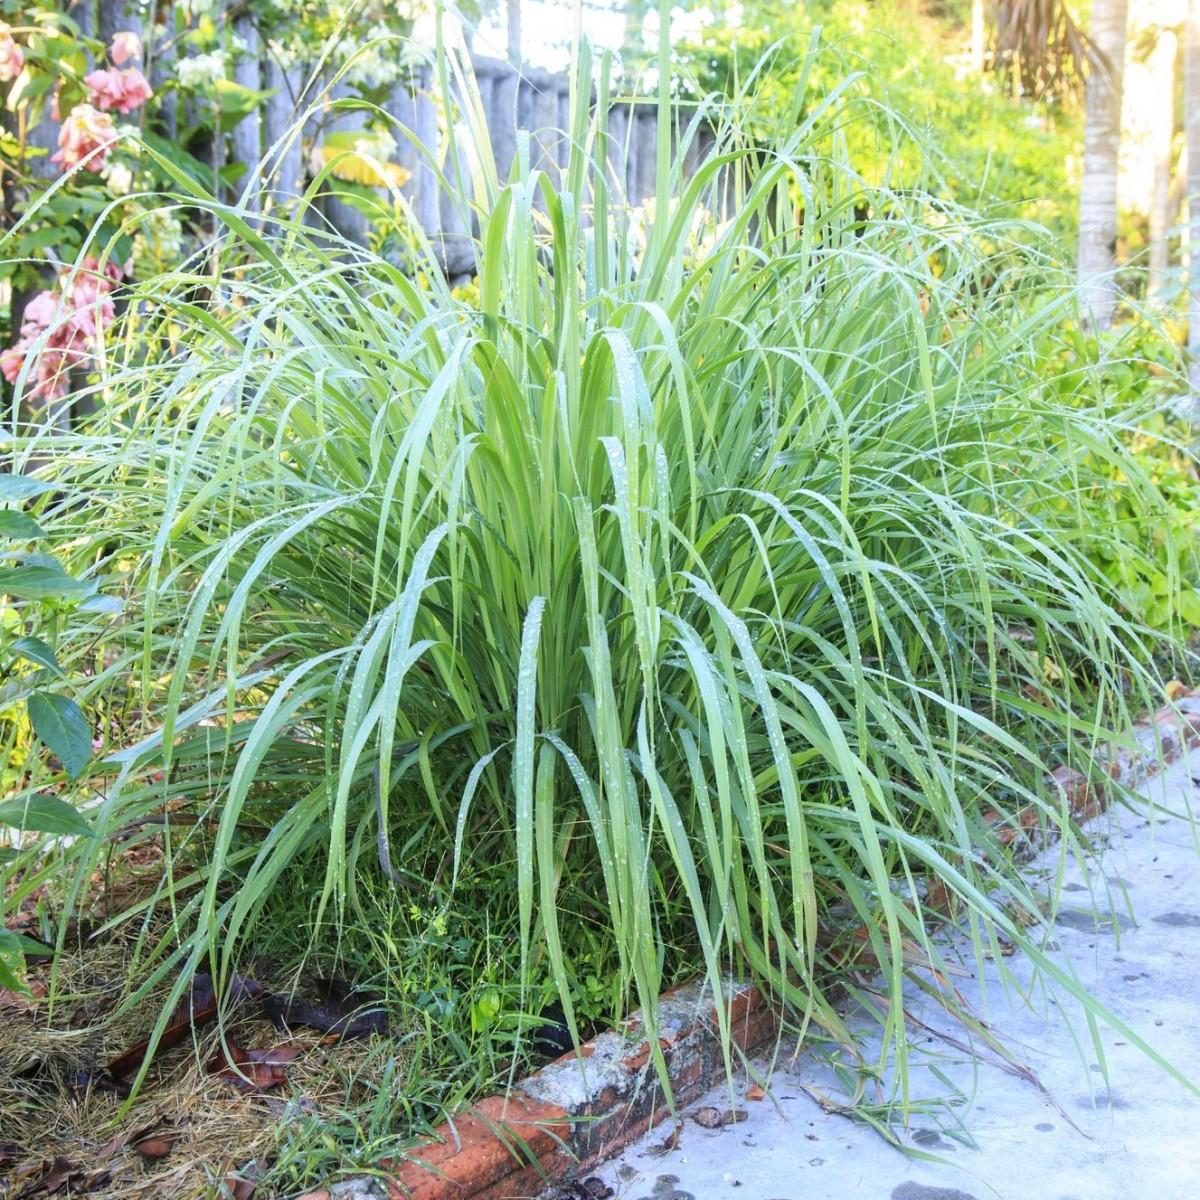 lemongrass-foto-opisanie-usloviya-vyrashhivaniya-posadka-i-uhod-3